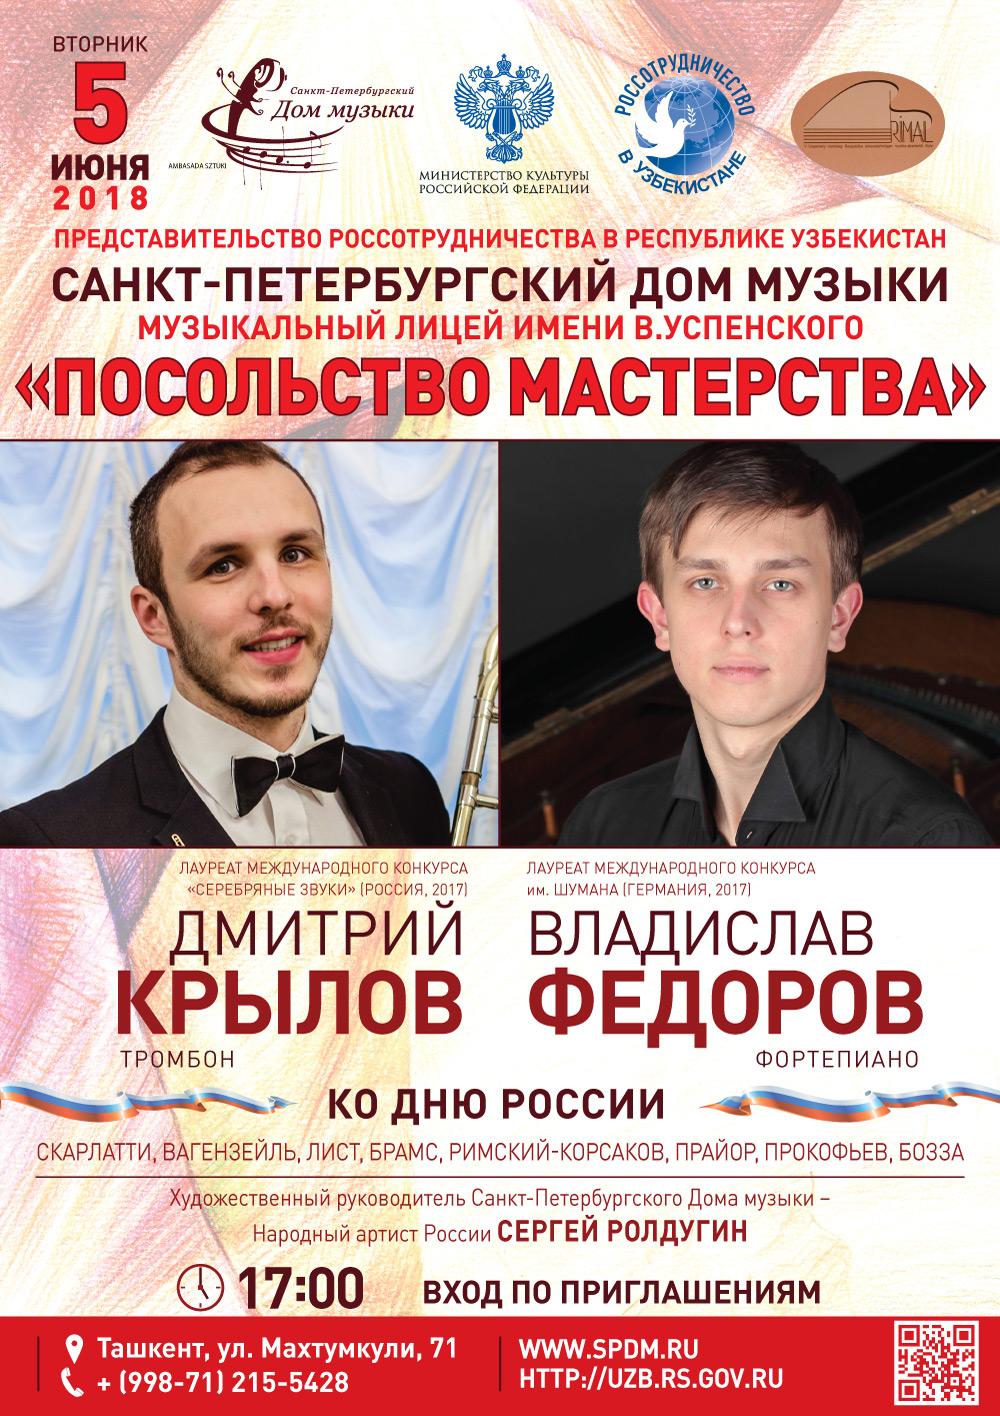 Тромбон и фортепиано:  концерт «Посольство мастерства» ко Дню России пройдет в Ташкенте